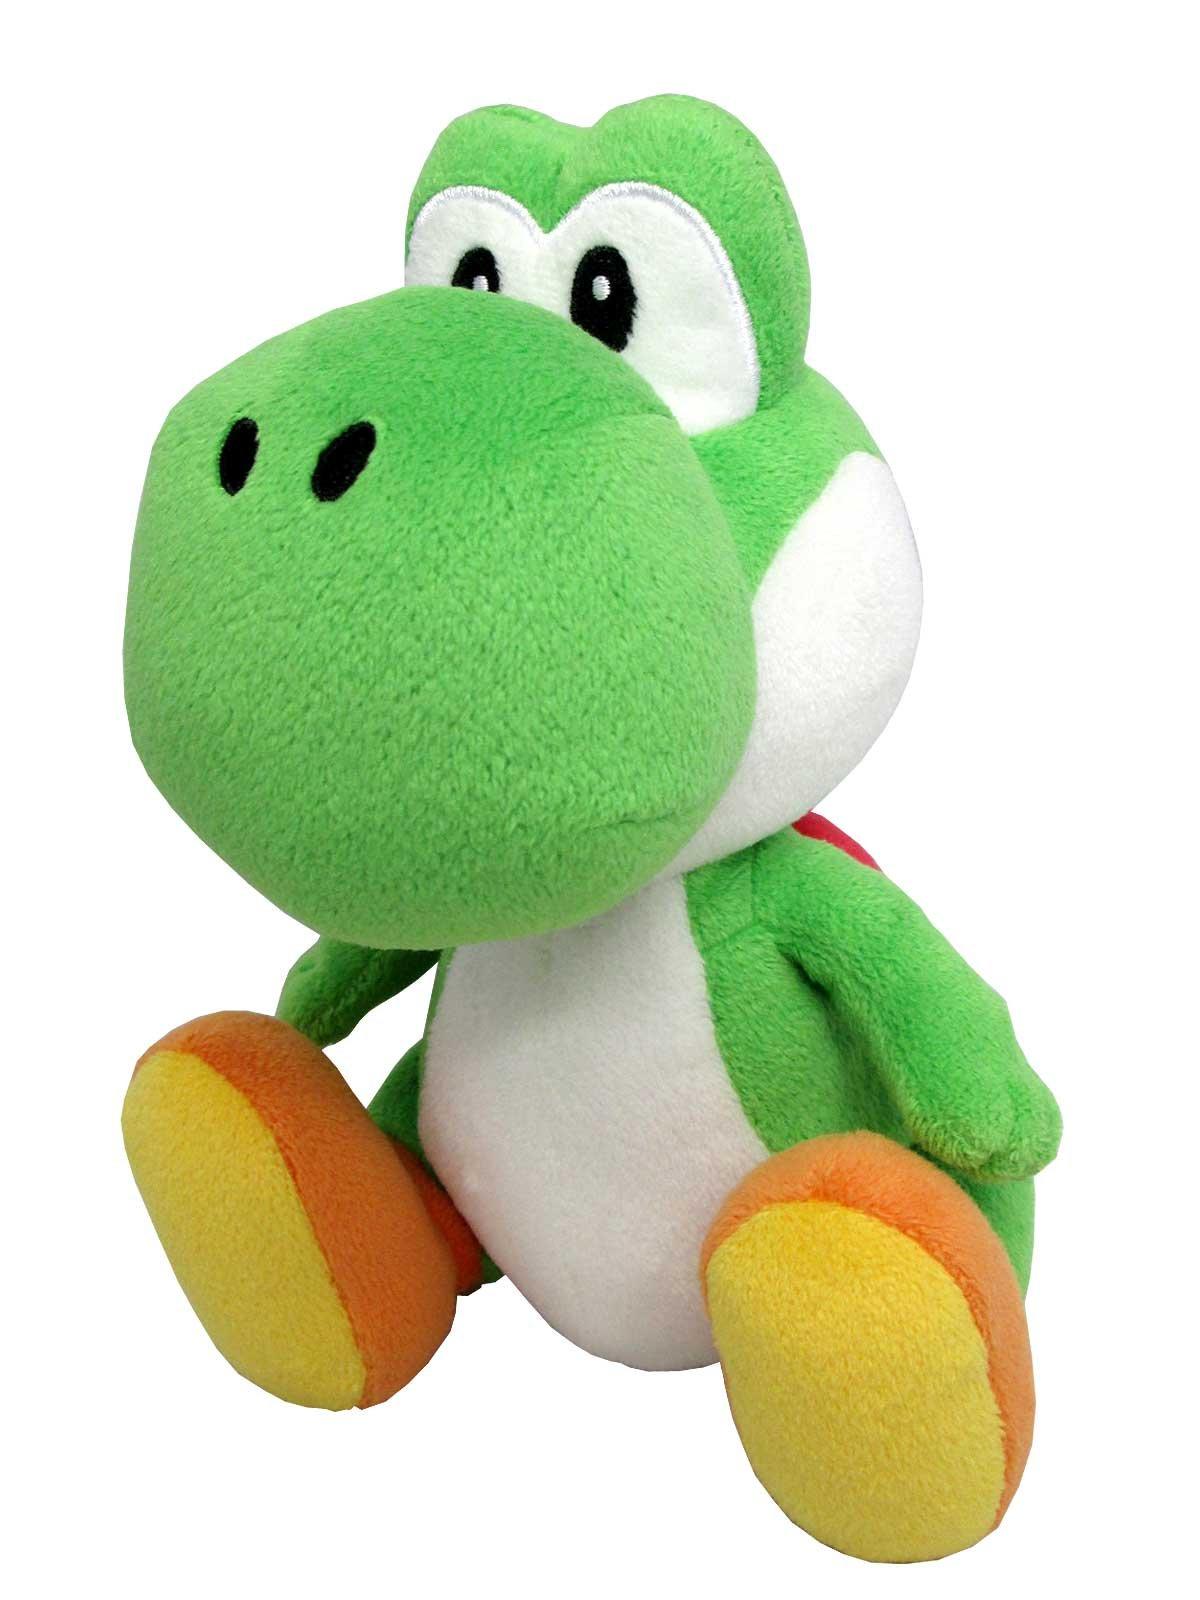 Buy Yoshi Now!